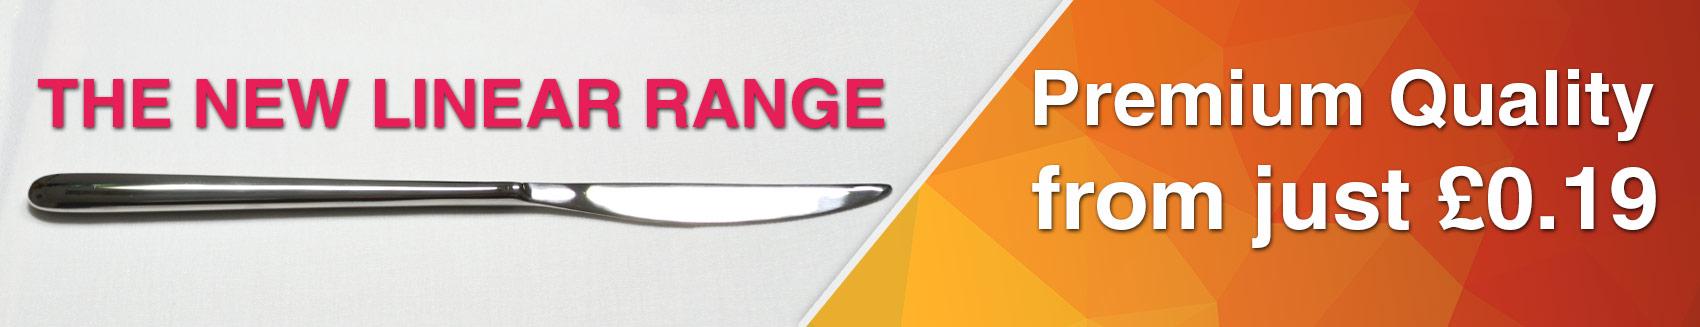 Linear Cutlery Range